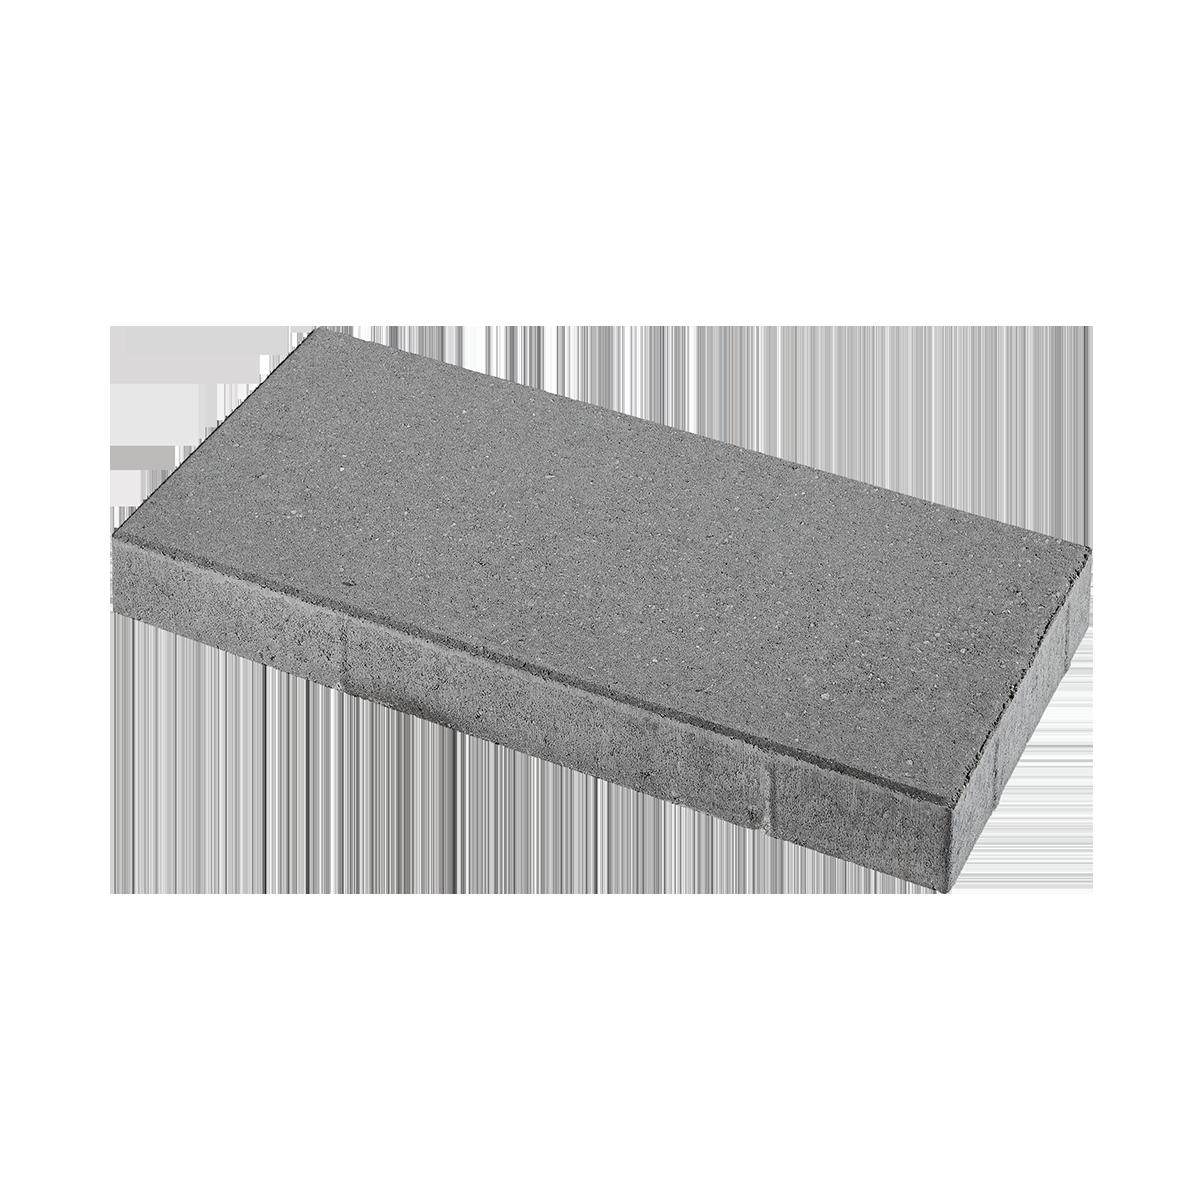 Fliser 30x60x6 cm Grå